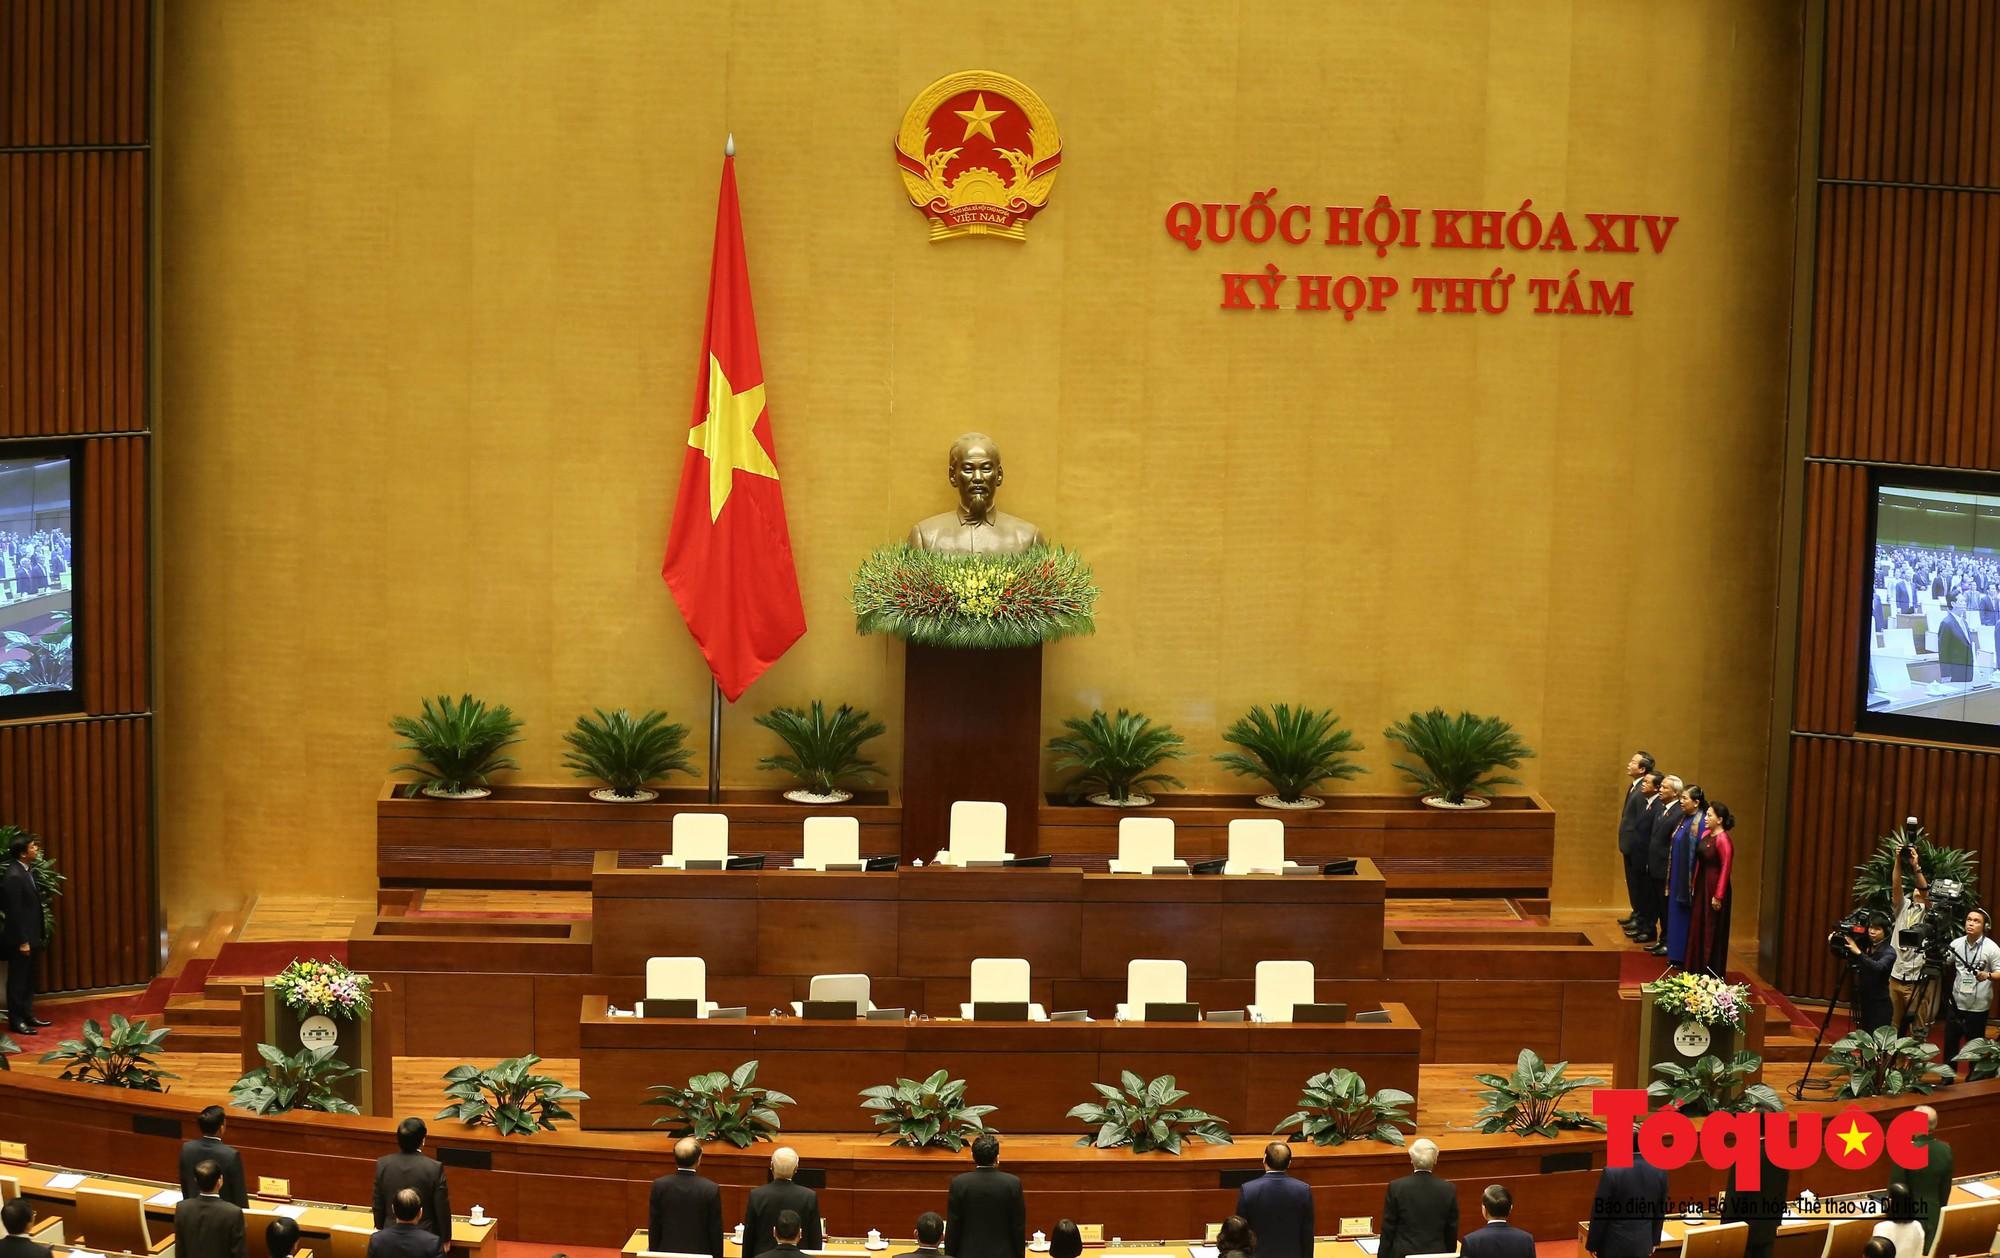 ĐBQH bên hành lang ngày khai mạc kỳ họp thứ 8, Quốc hội khóa XIV (11)